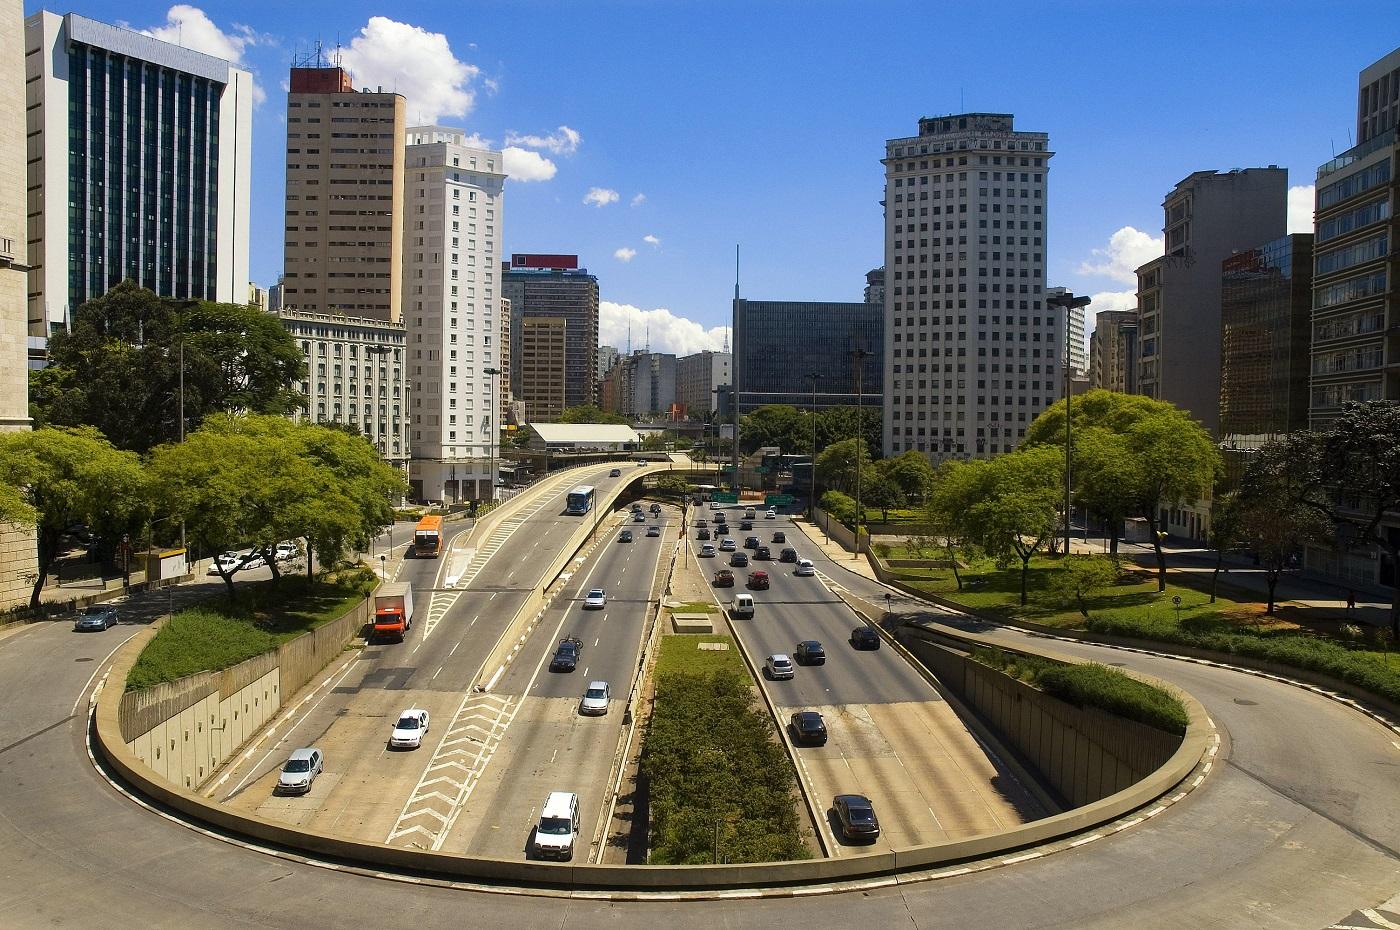 Străzile orașului pot fi uneori extrem de aglomerate